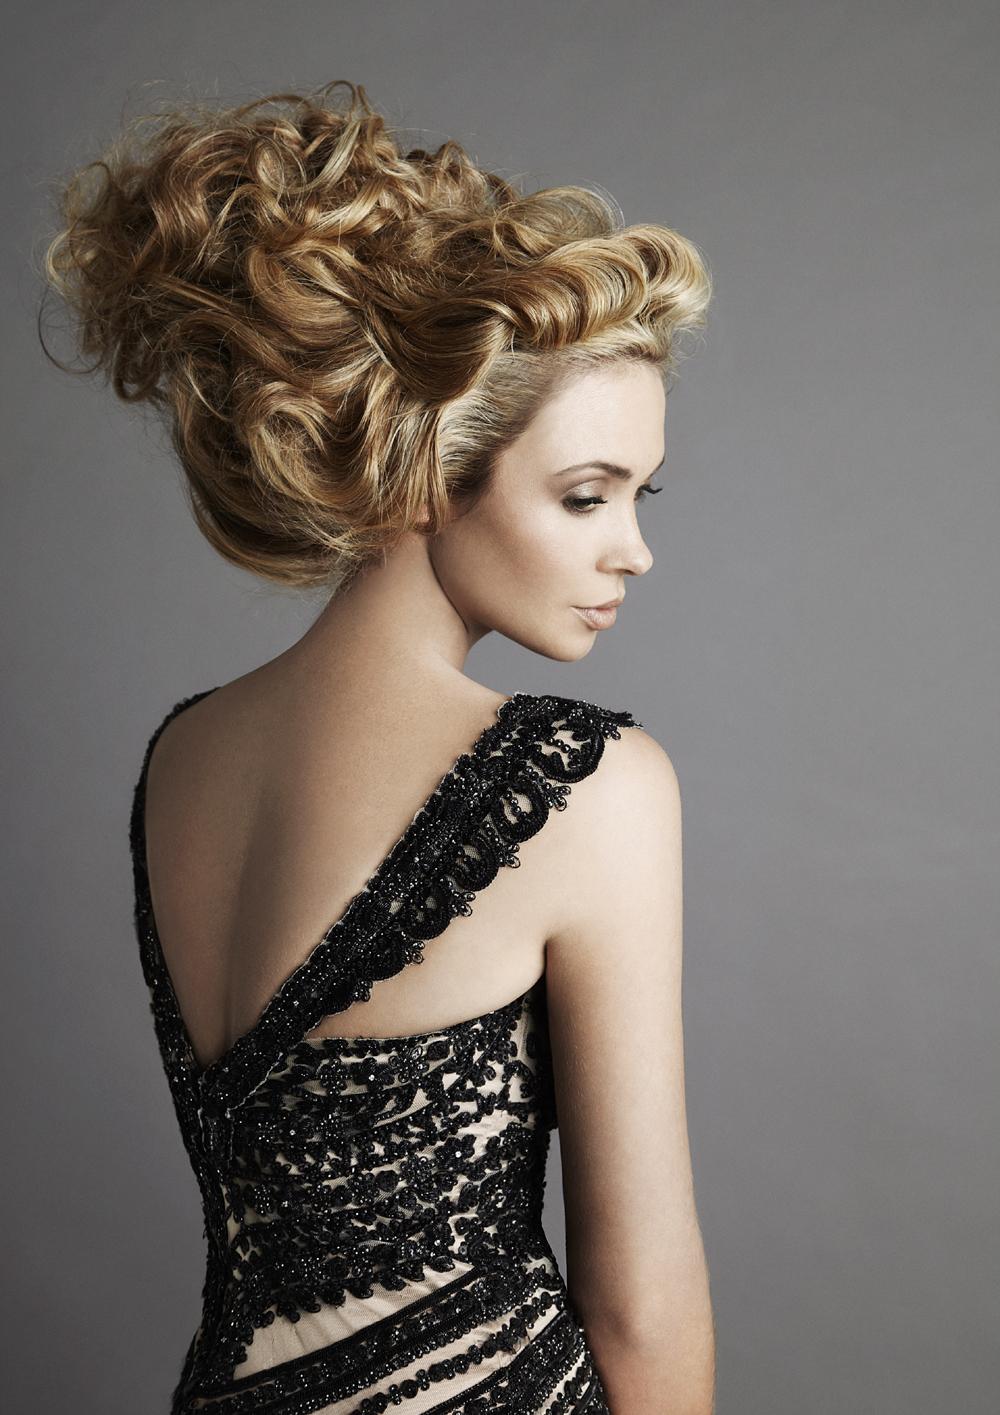 Súper fácil imágenes de peinados Fotos de los cortes de pelo de las tendencias - Peinados Extravagantes De Pasarela